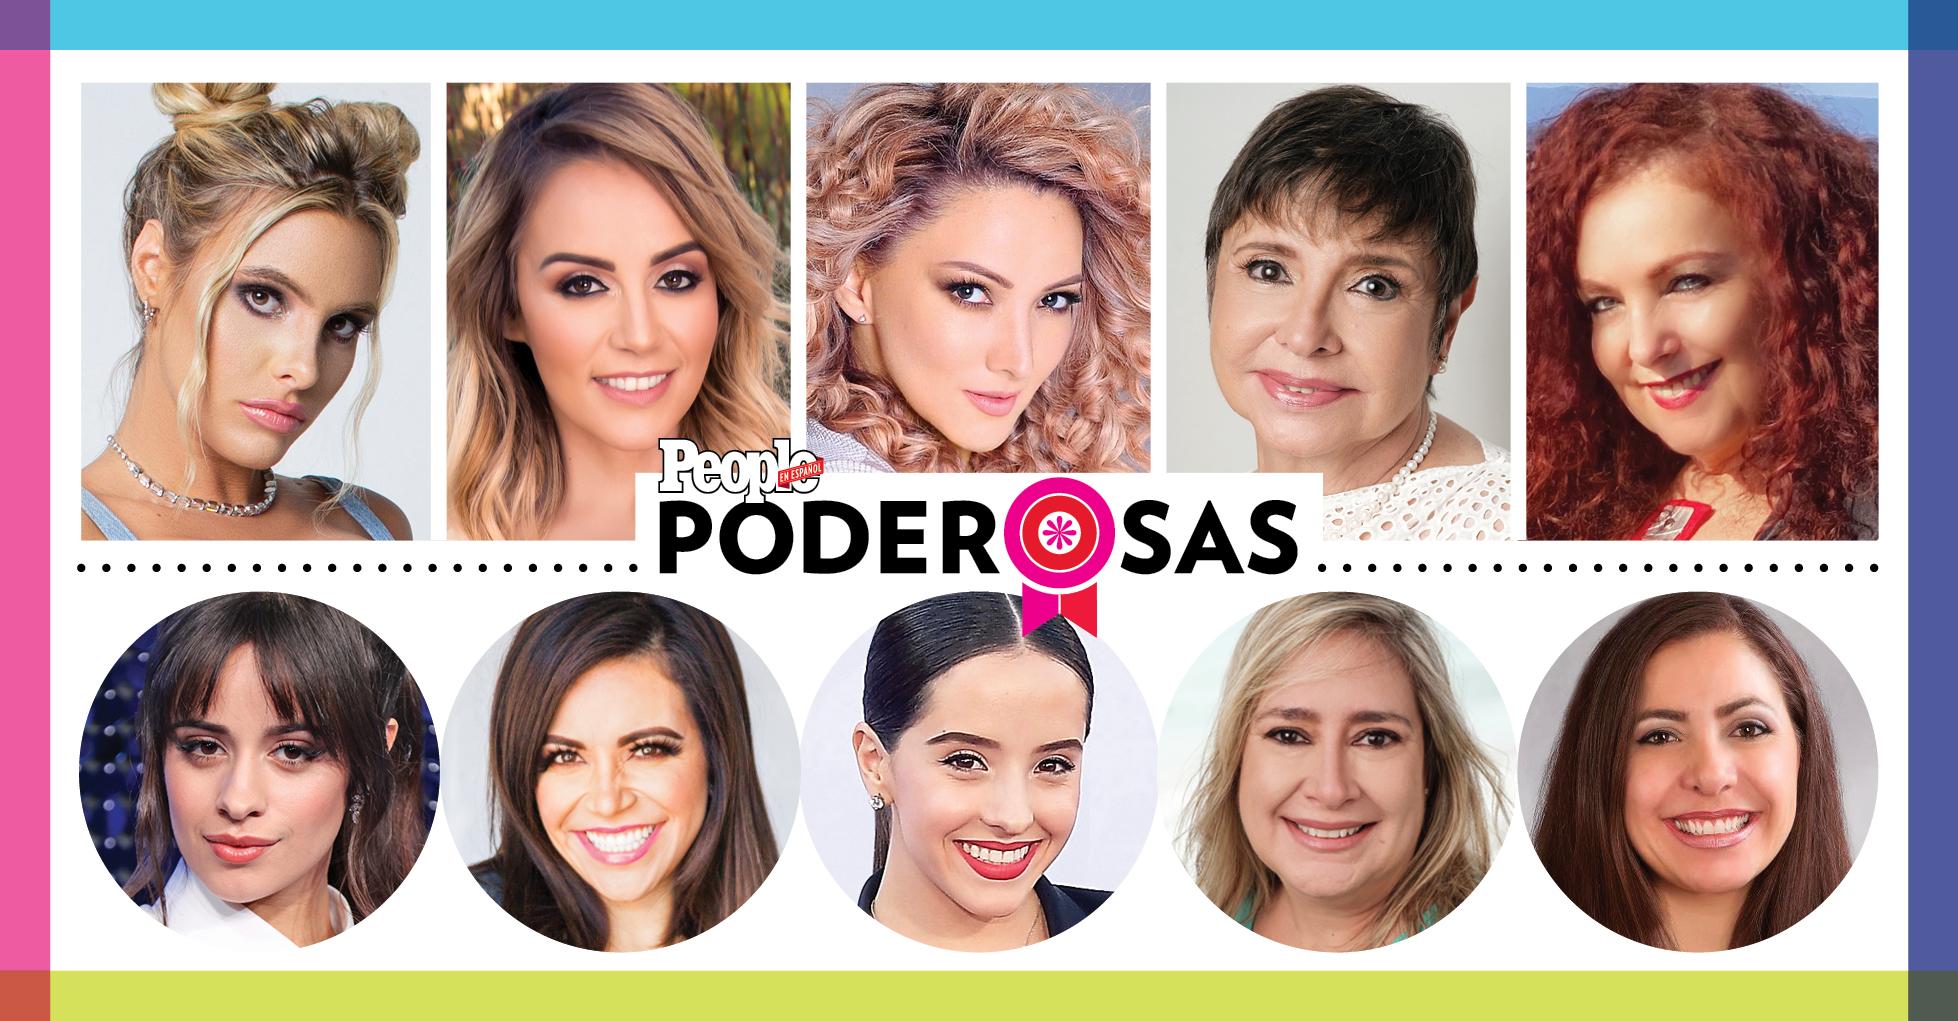 Poderosas 2021 banners. IG